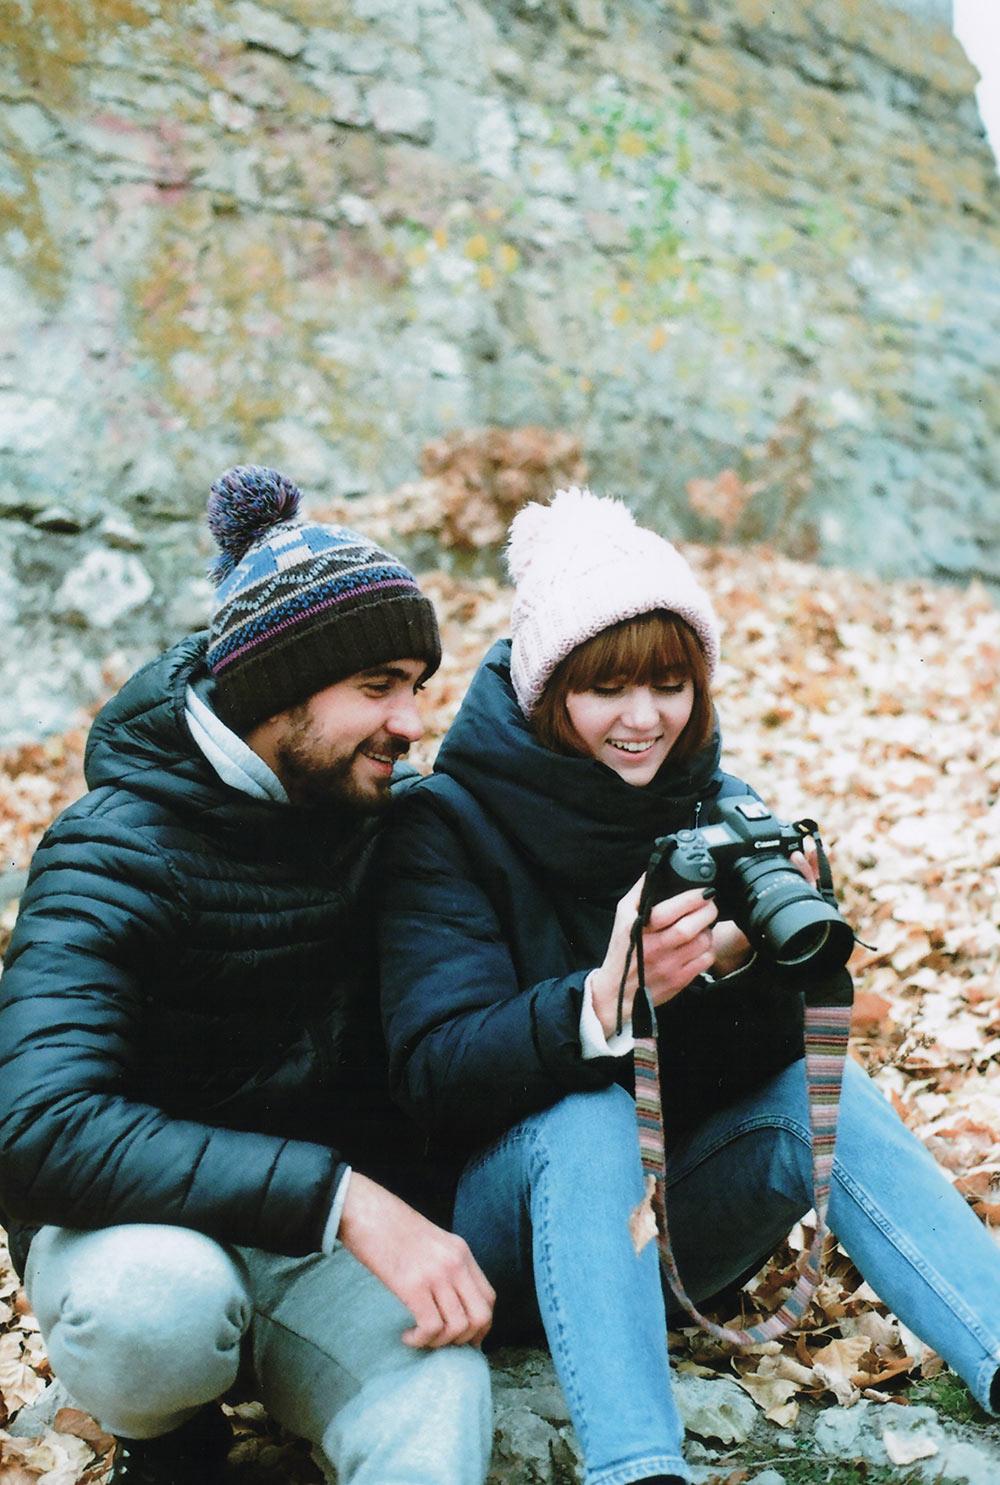 Фотопленка Kodak Ultramax 400. Пример фотографии и отзыв.